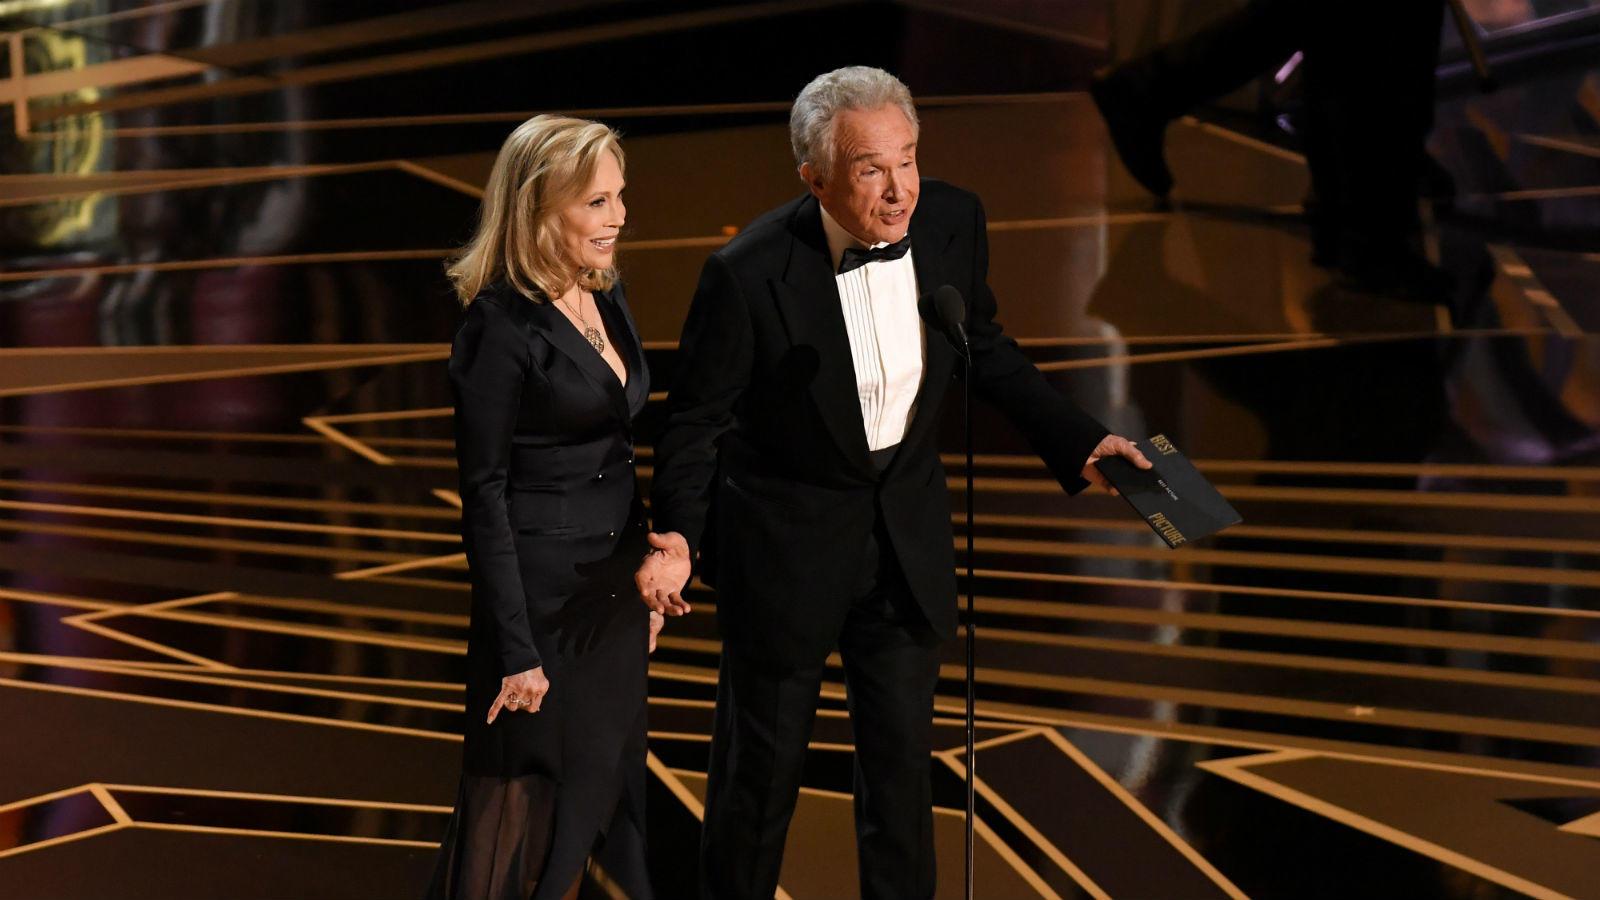 Az Oscar-díj történetének legkínosabb bakija: a 2017. év legjobb filmjének járó díjat a La La Landnek Warren Beatty és Faye Dunaway jelentette be. Csakhogy Beatty kezébe a rossz (az Emma Stonenak járó legjobb női főszereplőt tartalmazó) borítékot nyomták, a Filmakadémia ugyanis a Moonlightnak ítélte a díjat. A cikifaktort csak tovább emelte, hogy a hibára már akkor derült fény, amikor a La La Land alkotói már rég darálták köszönő beszédeiket a színpadon (REX/ Shutterstock)